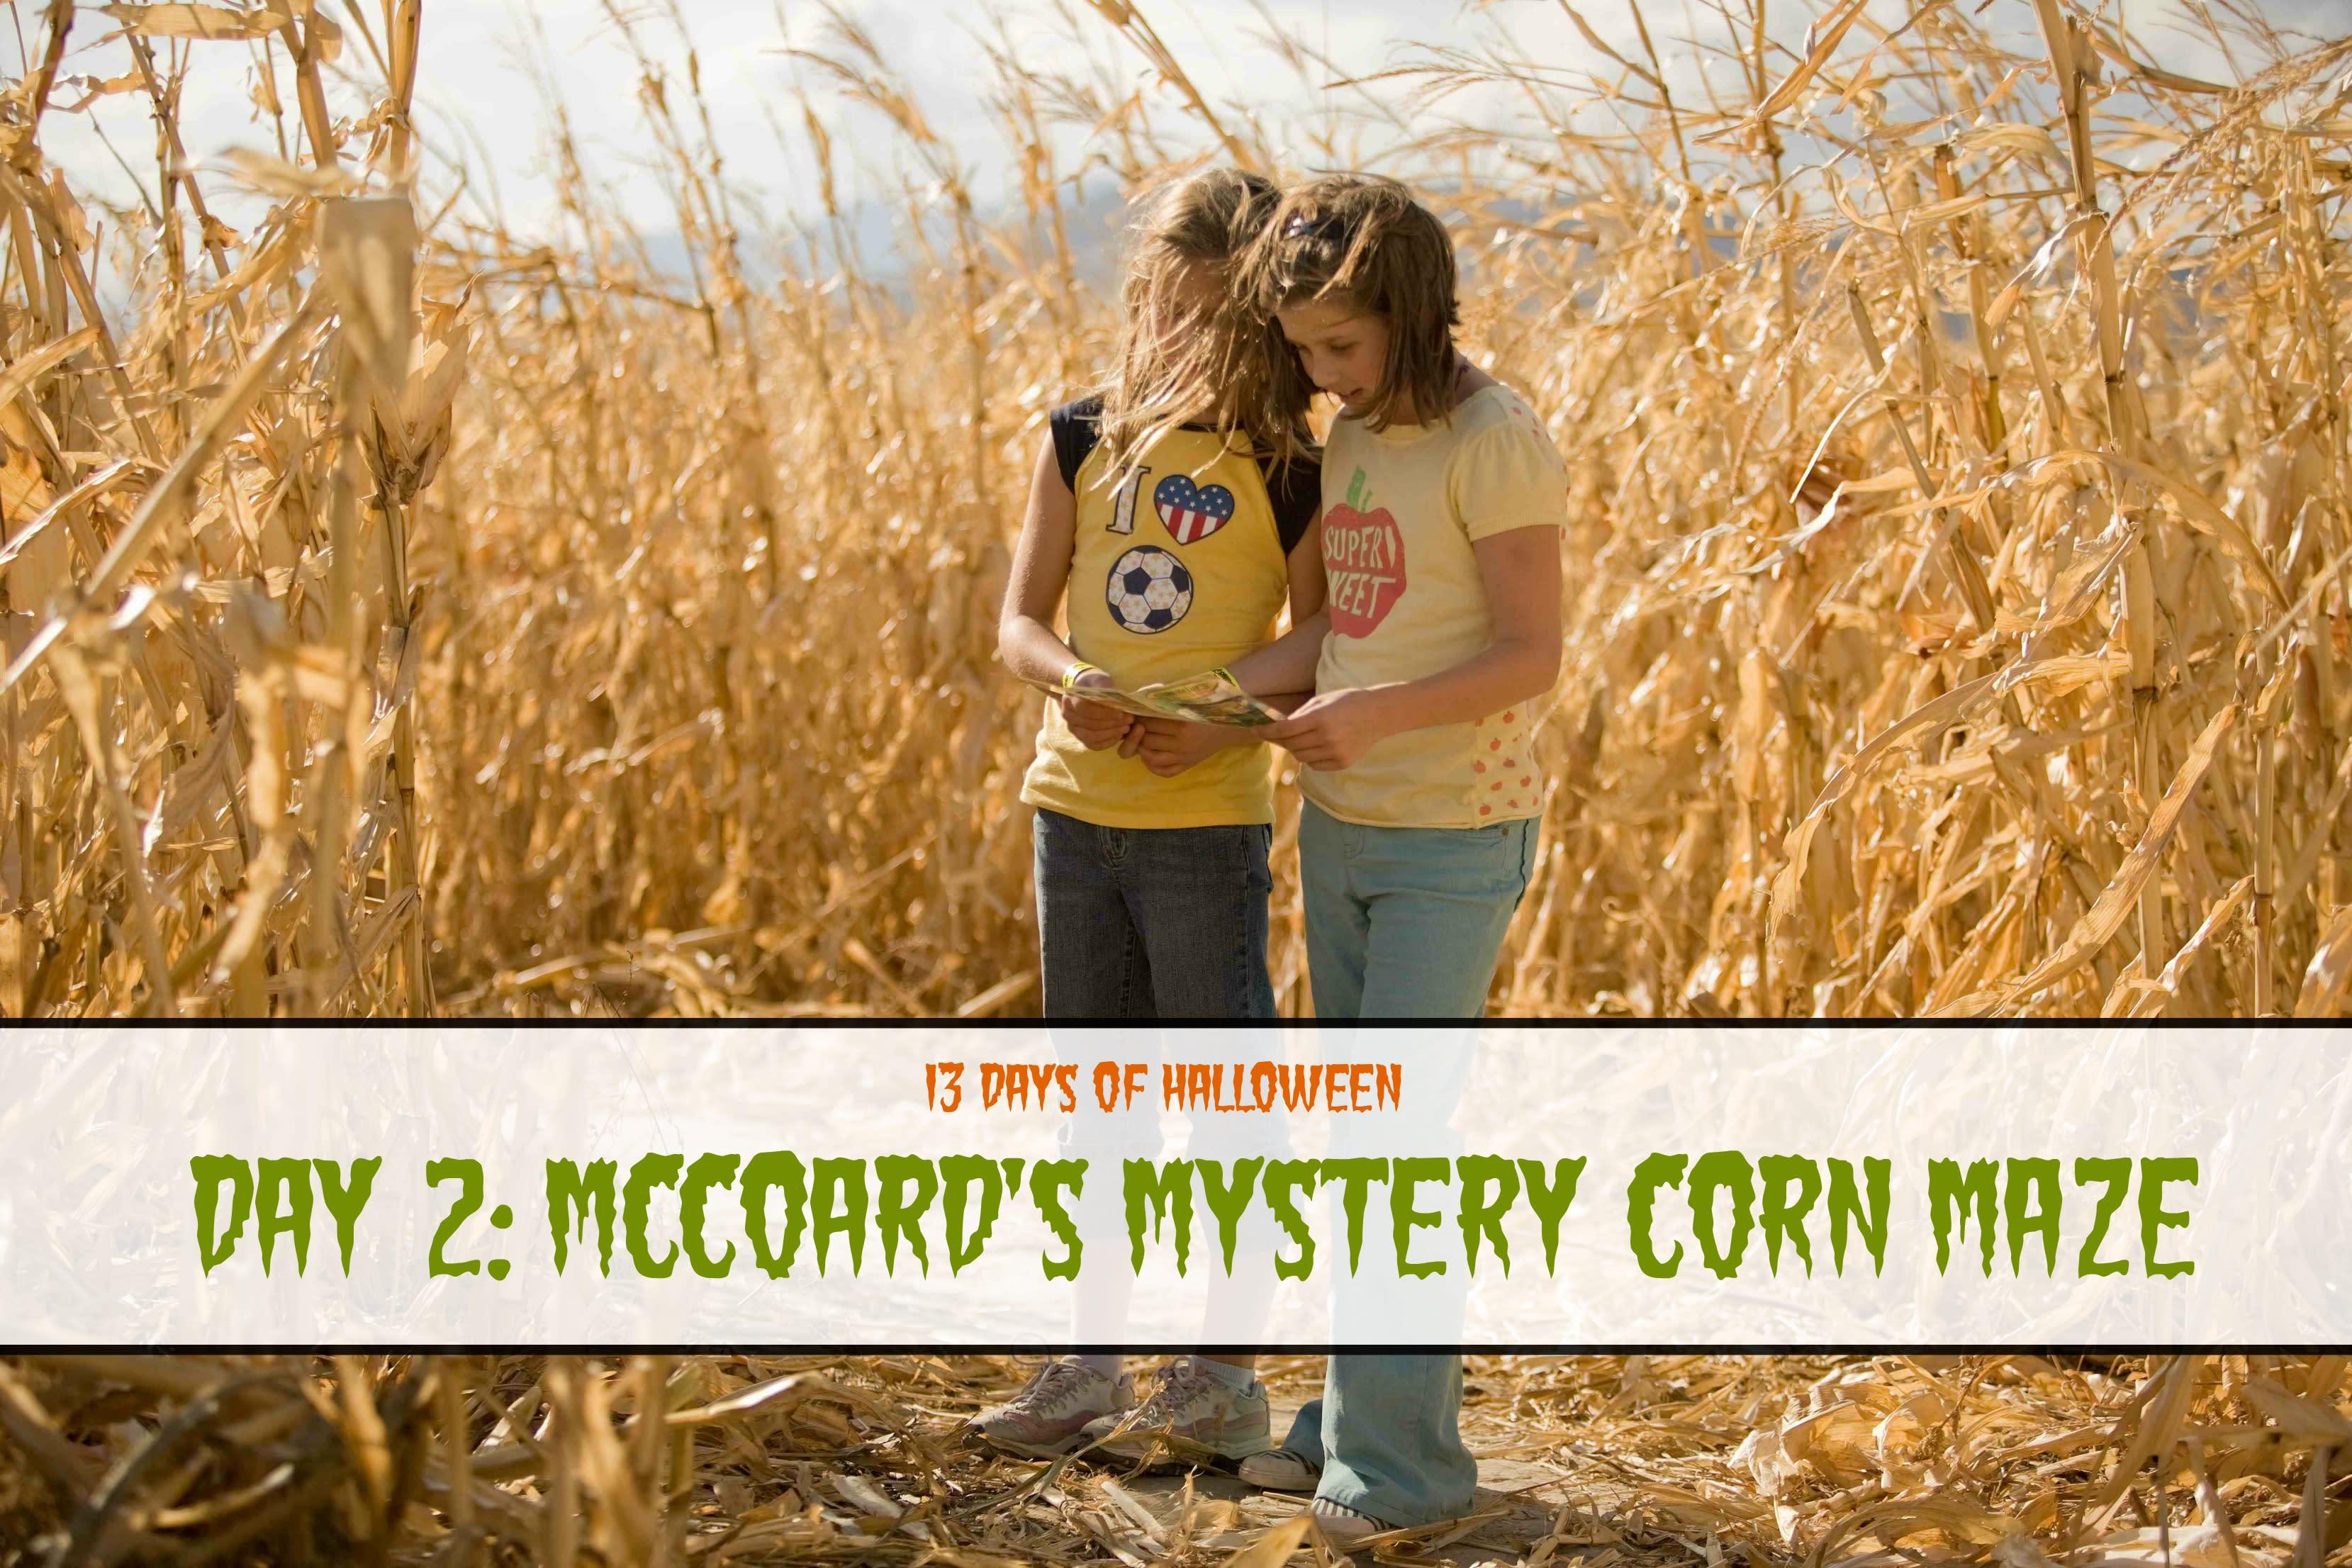 Day 2: McCoard's Corn Maze